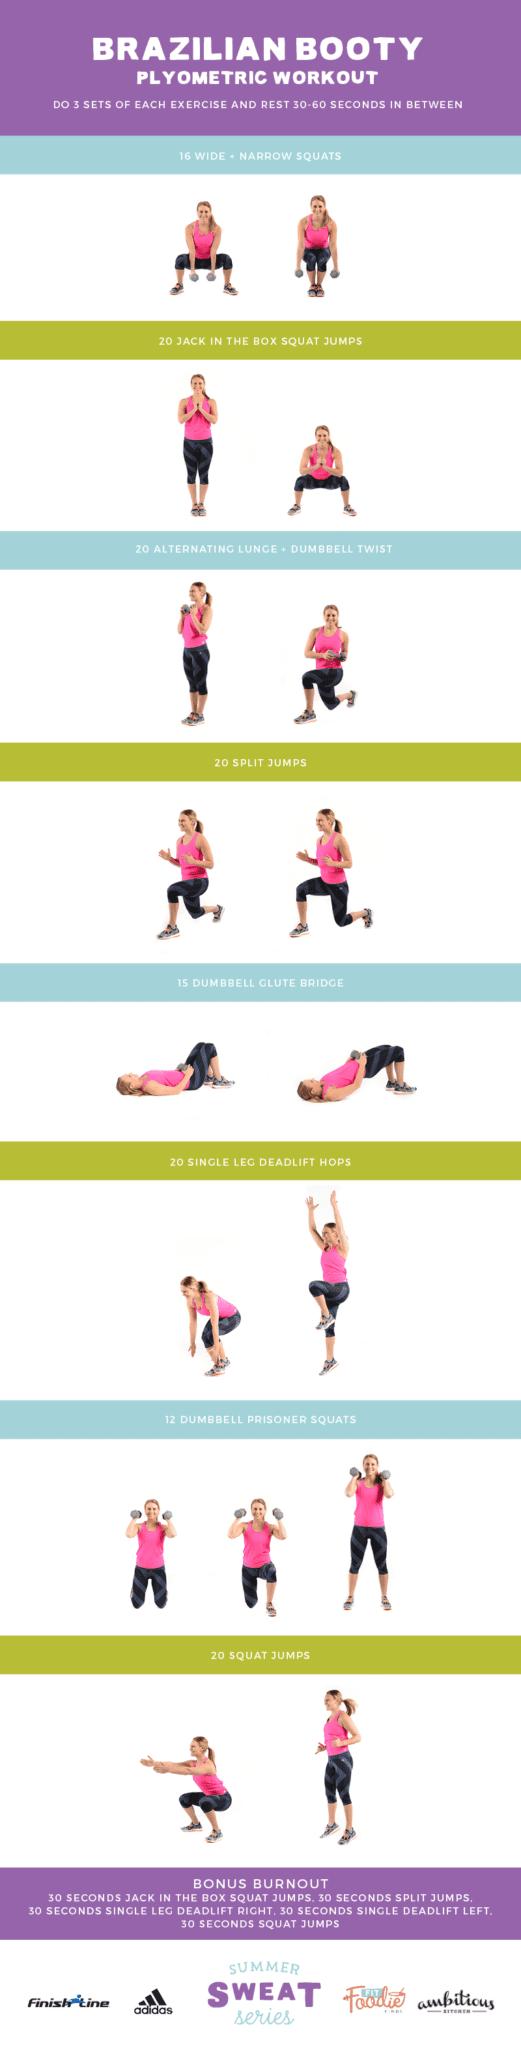 Brazilian Booty Plyometric Workout | Summer Sweat Series